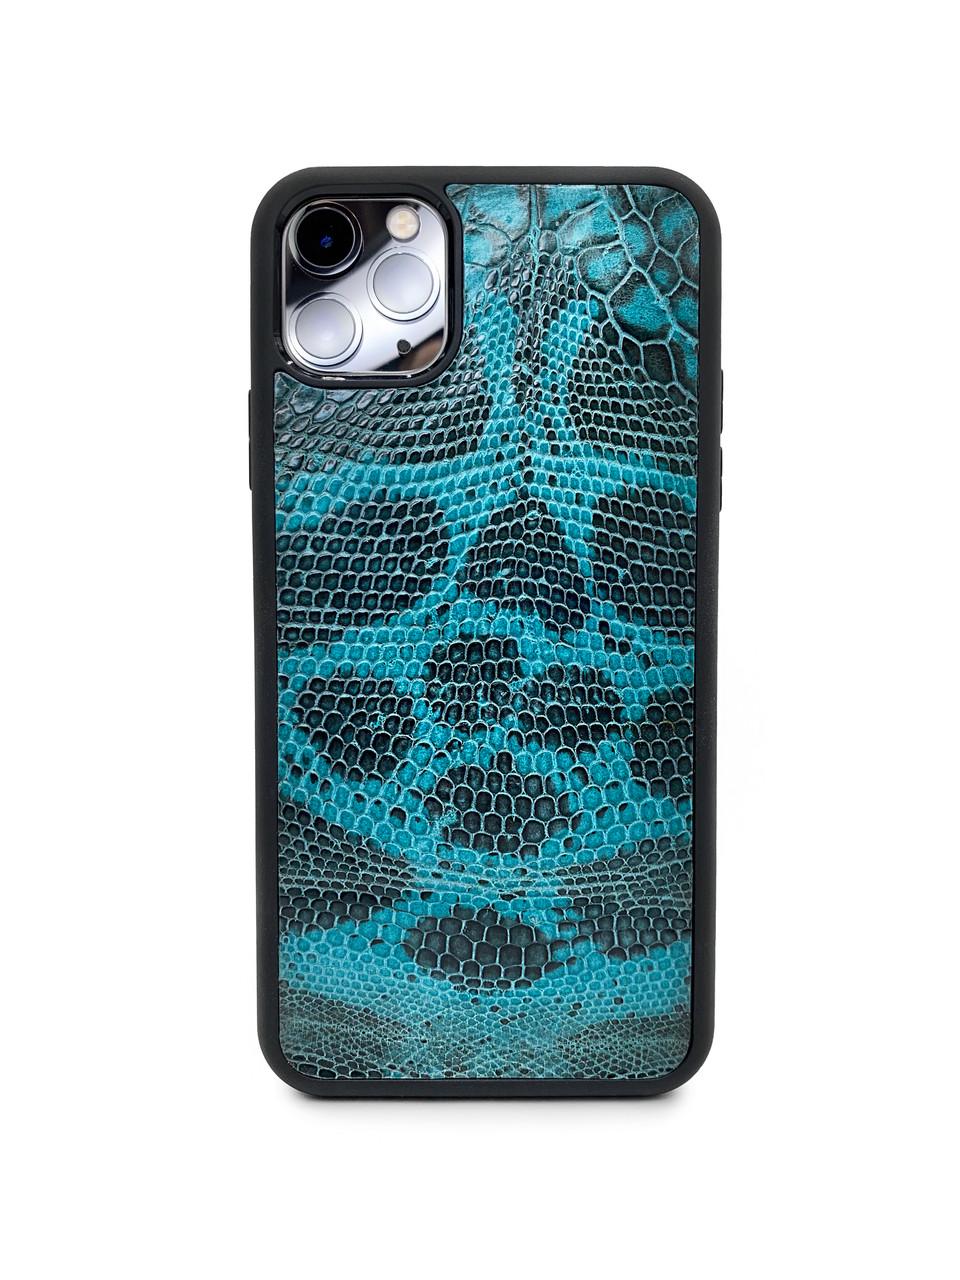 Чехол для iPhone 12 Pro Max бирюзового цвета из кожи Игуаны